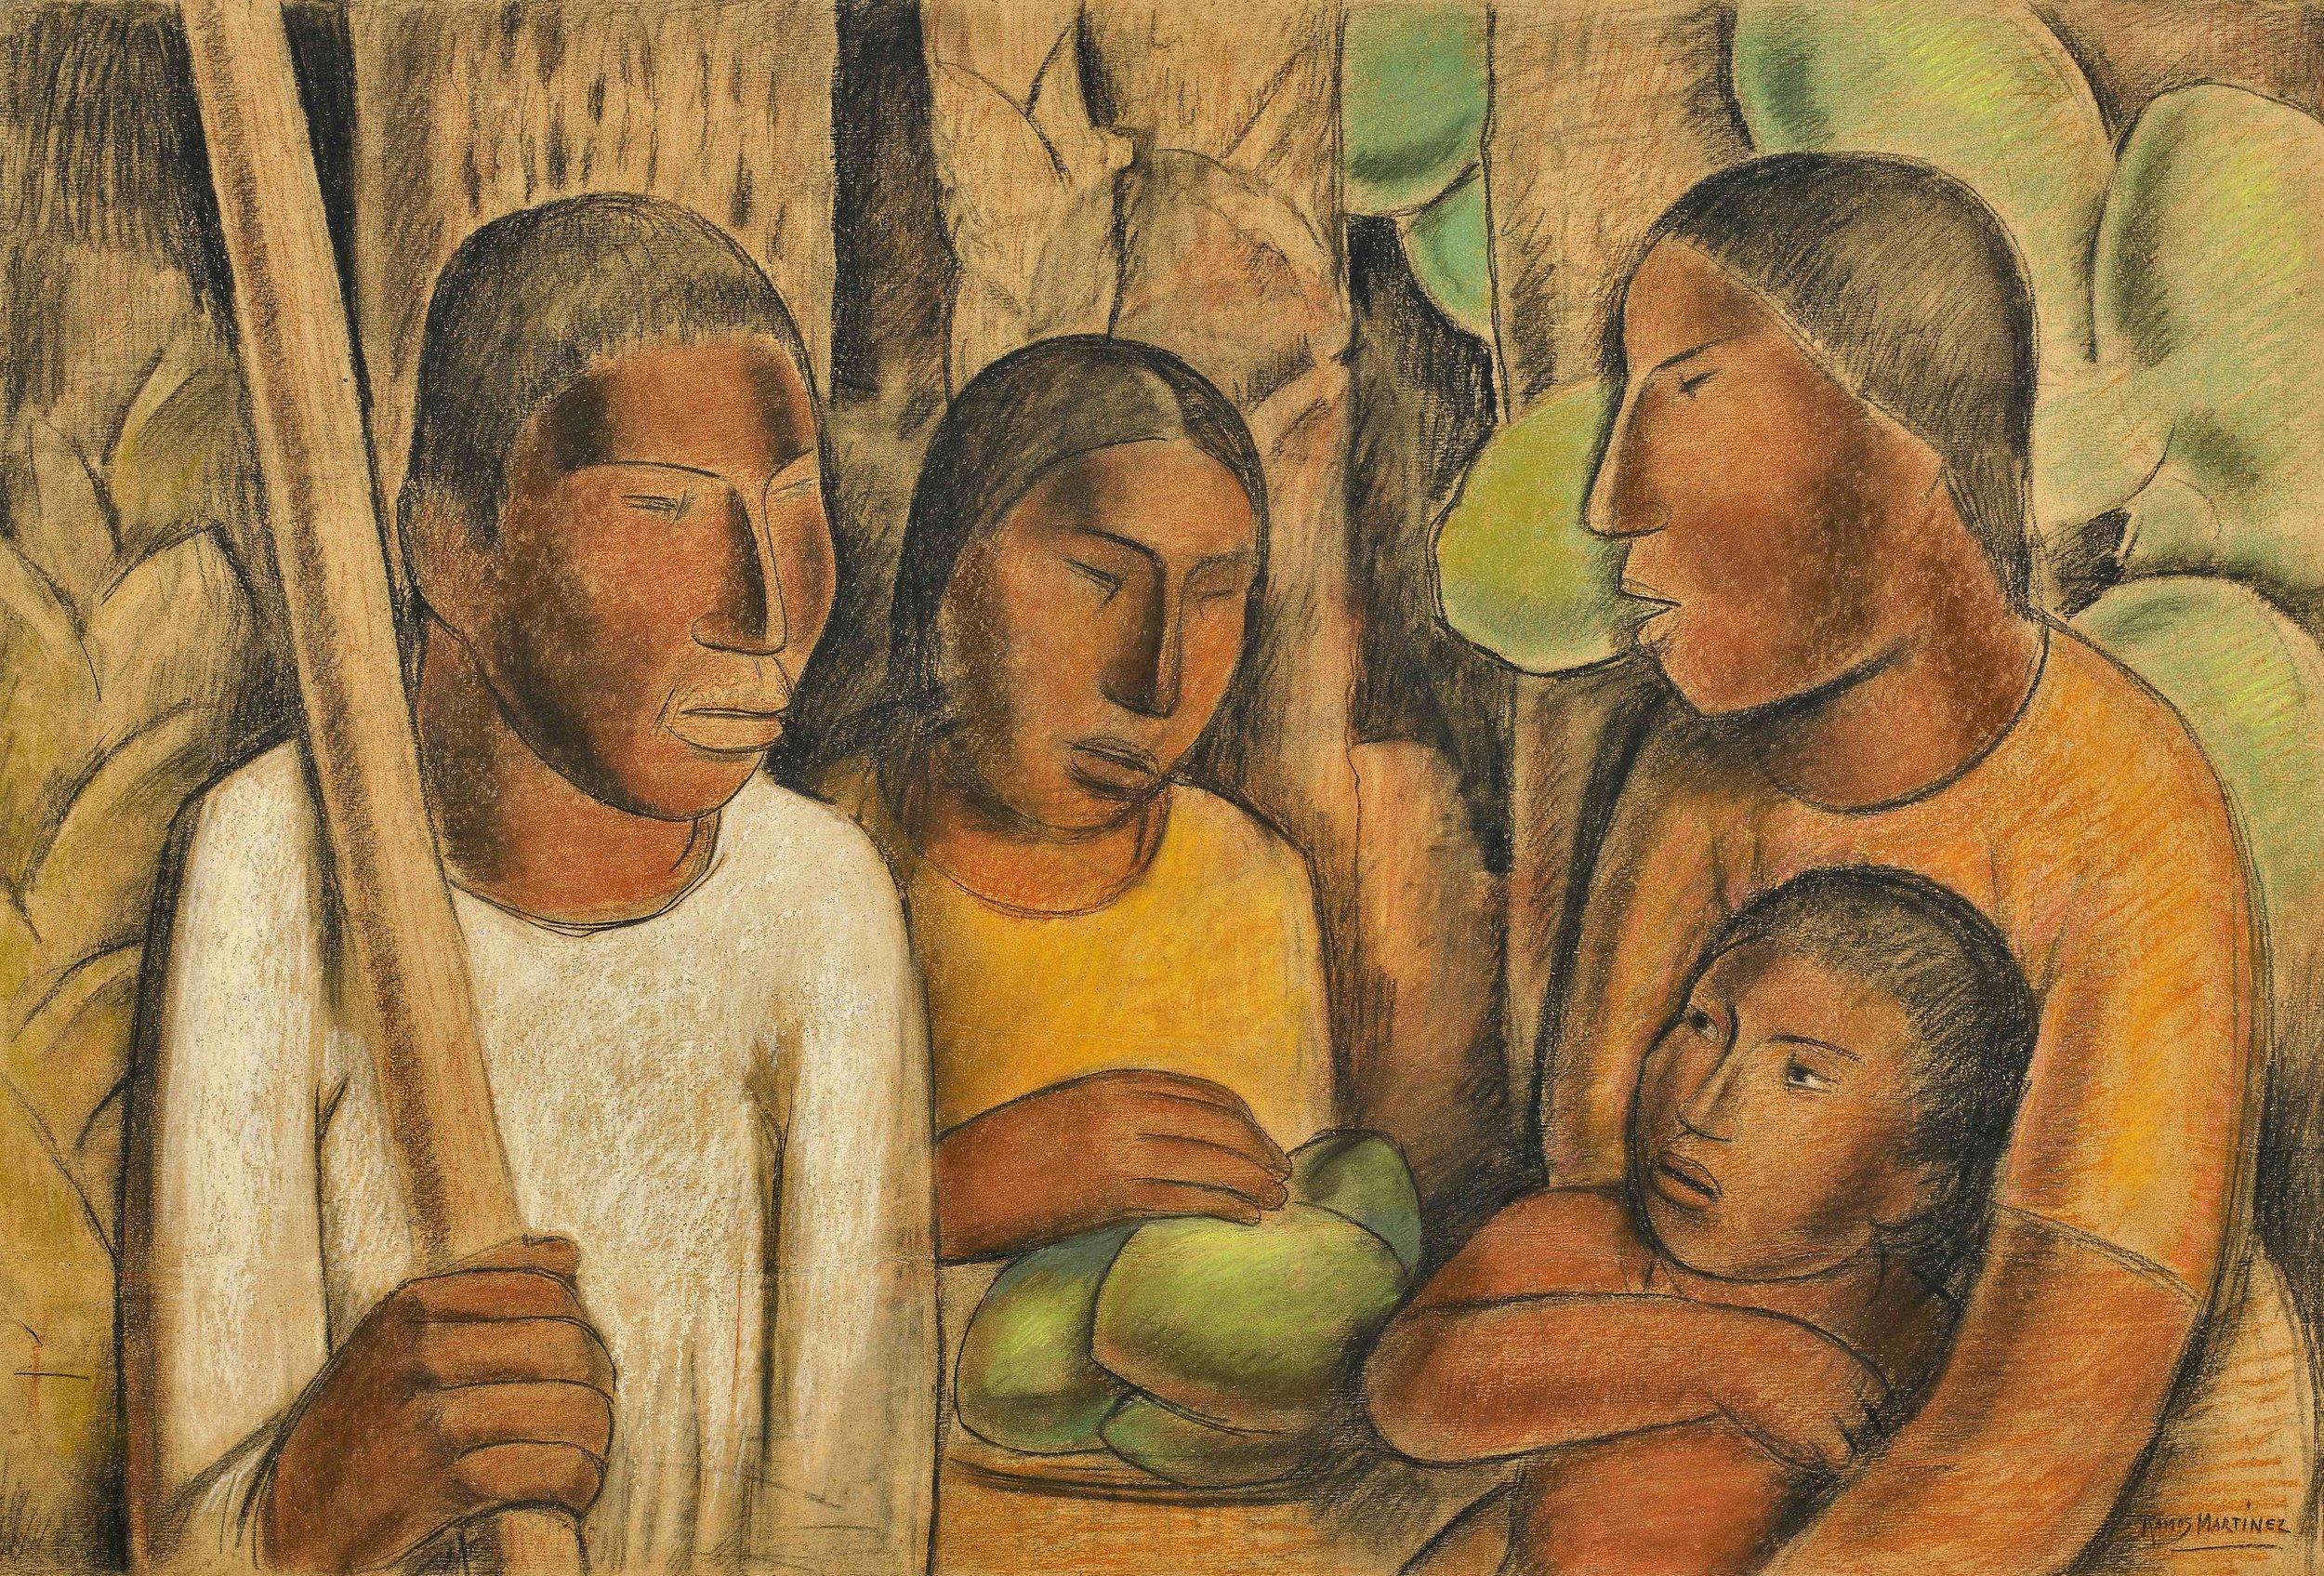 Vendedore de Cocos / Coconut vendor  ca. 1938 tempera, pastel, and Conté crayon on paper / temple, pintura al pastel y crayon Conté sobre papel 24.3 x 36.3 inches; 61.6 x 92.1 centímetros